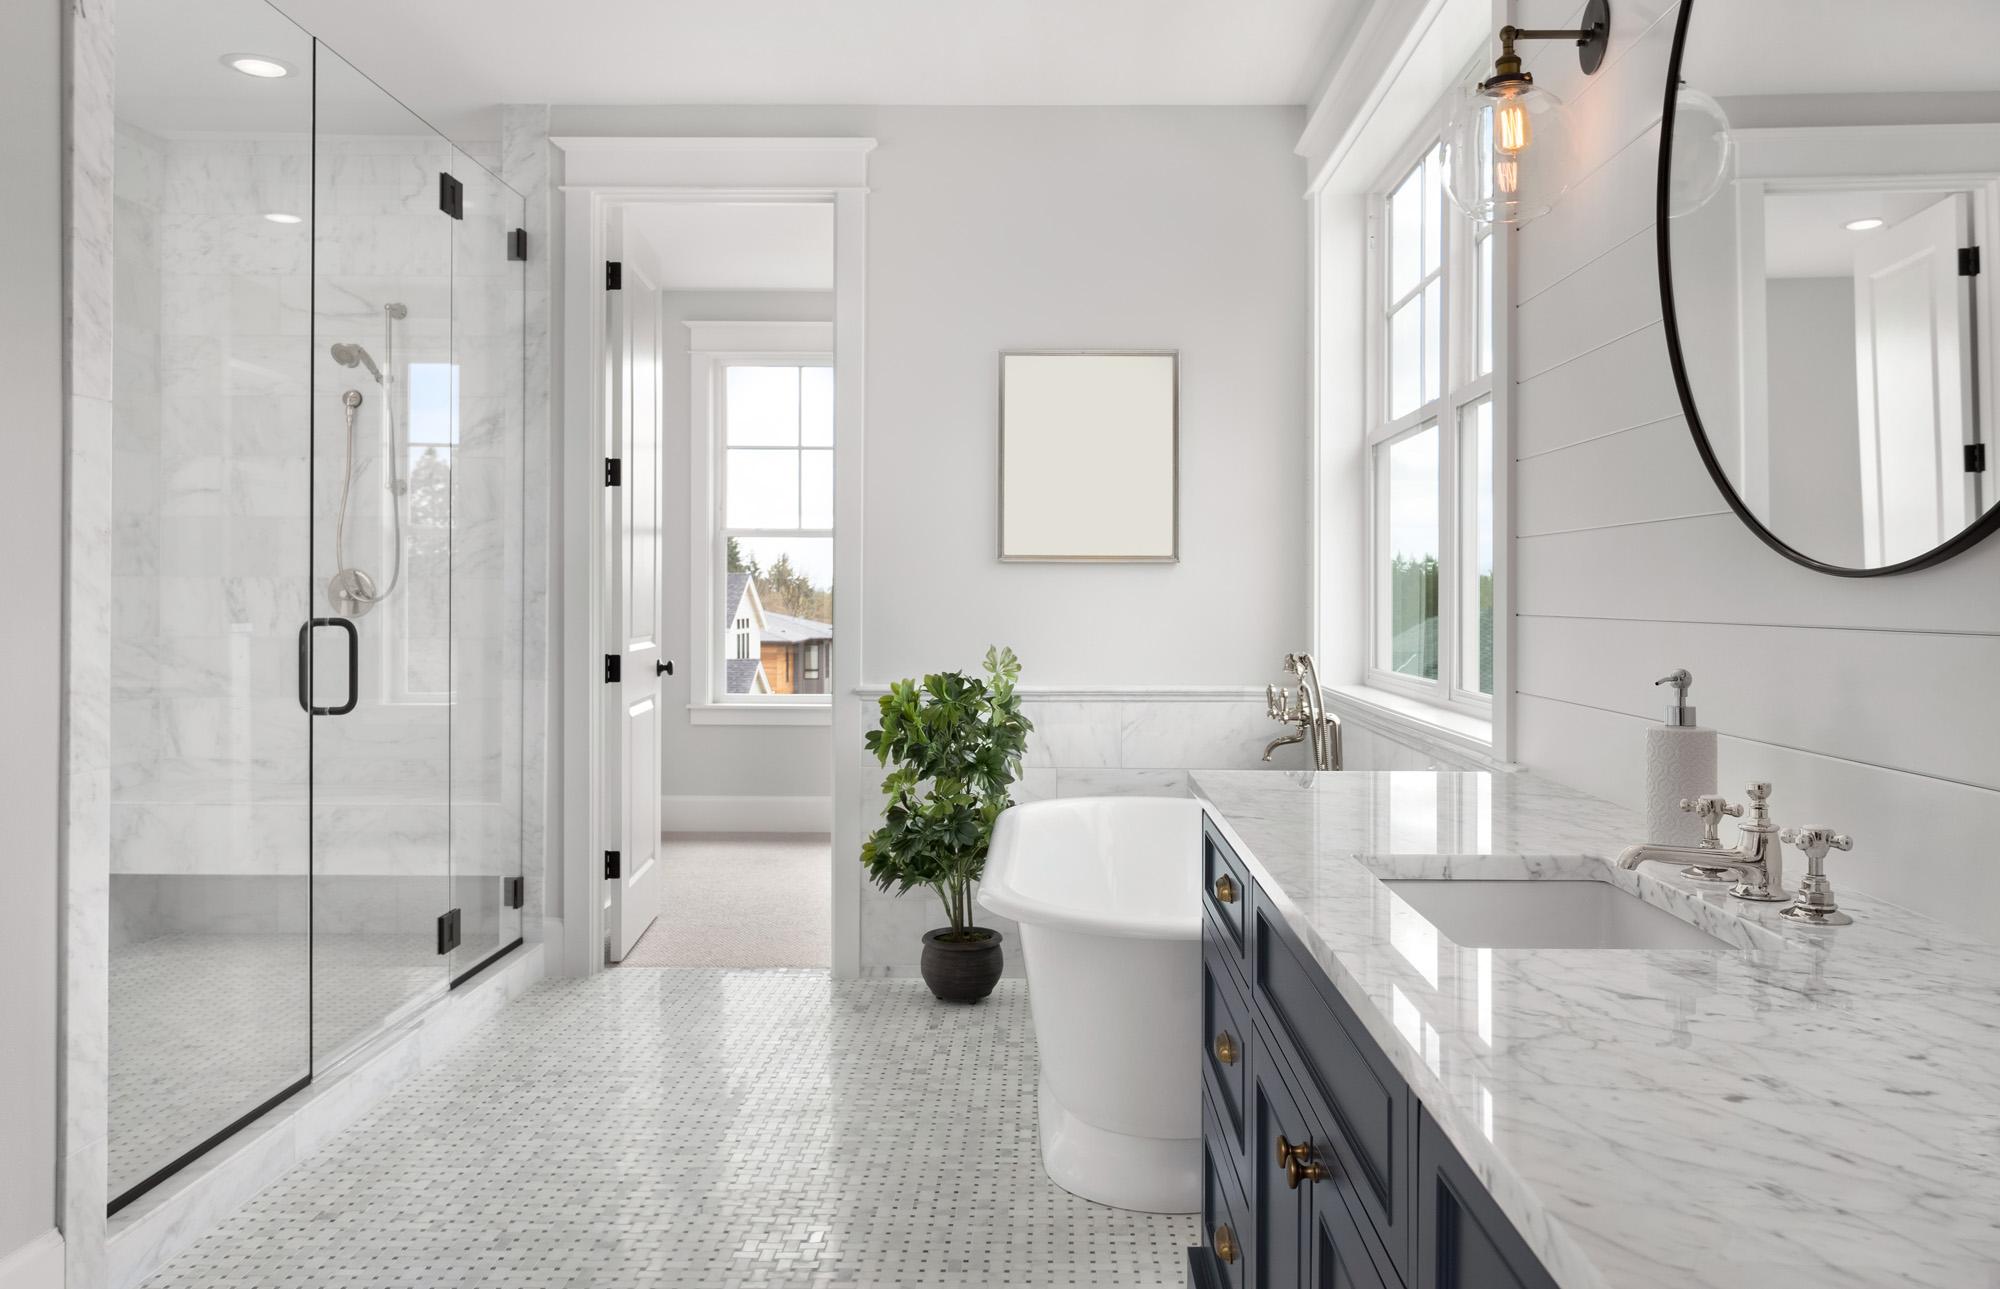 Poseurs de céramique pour les salles de bain luxueuses